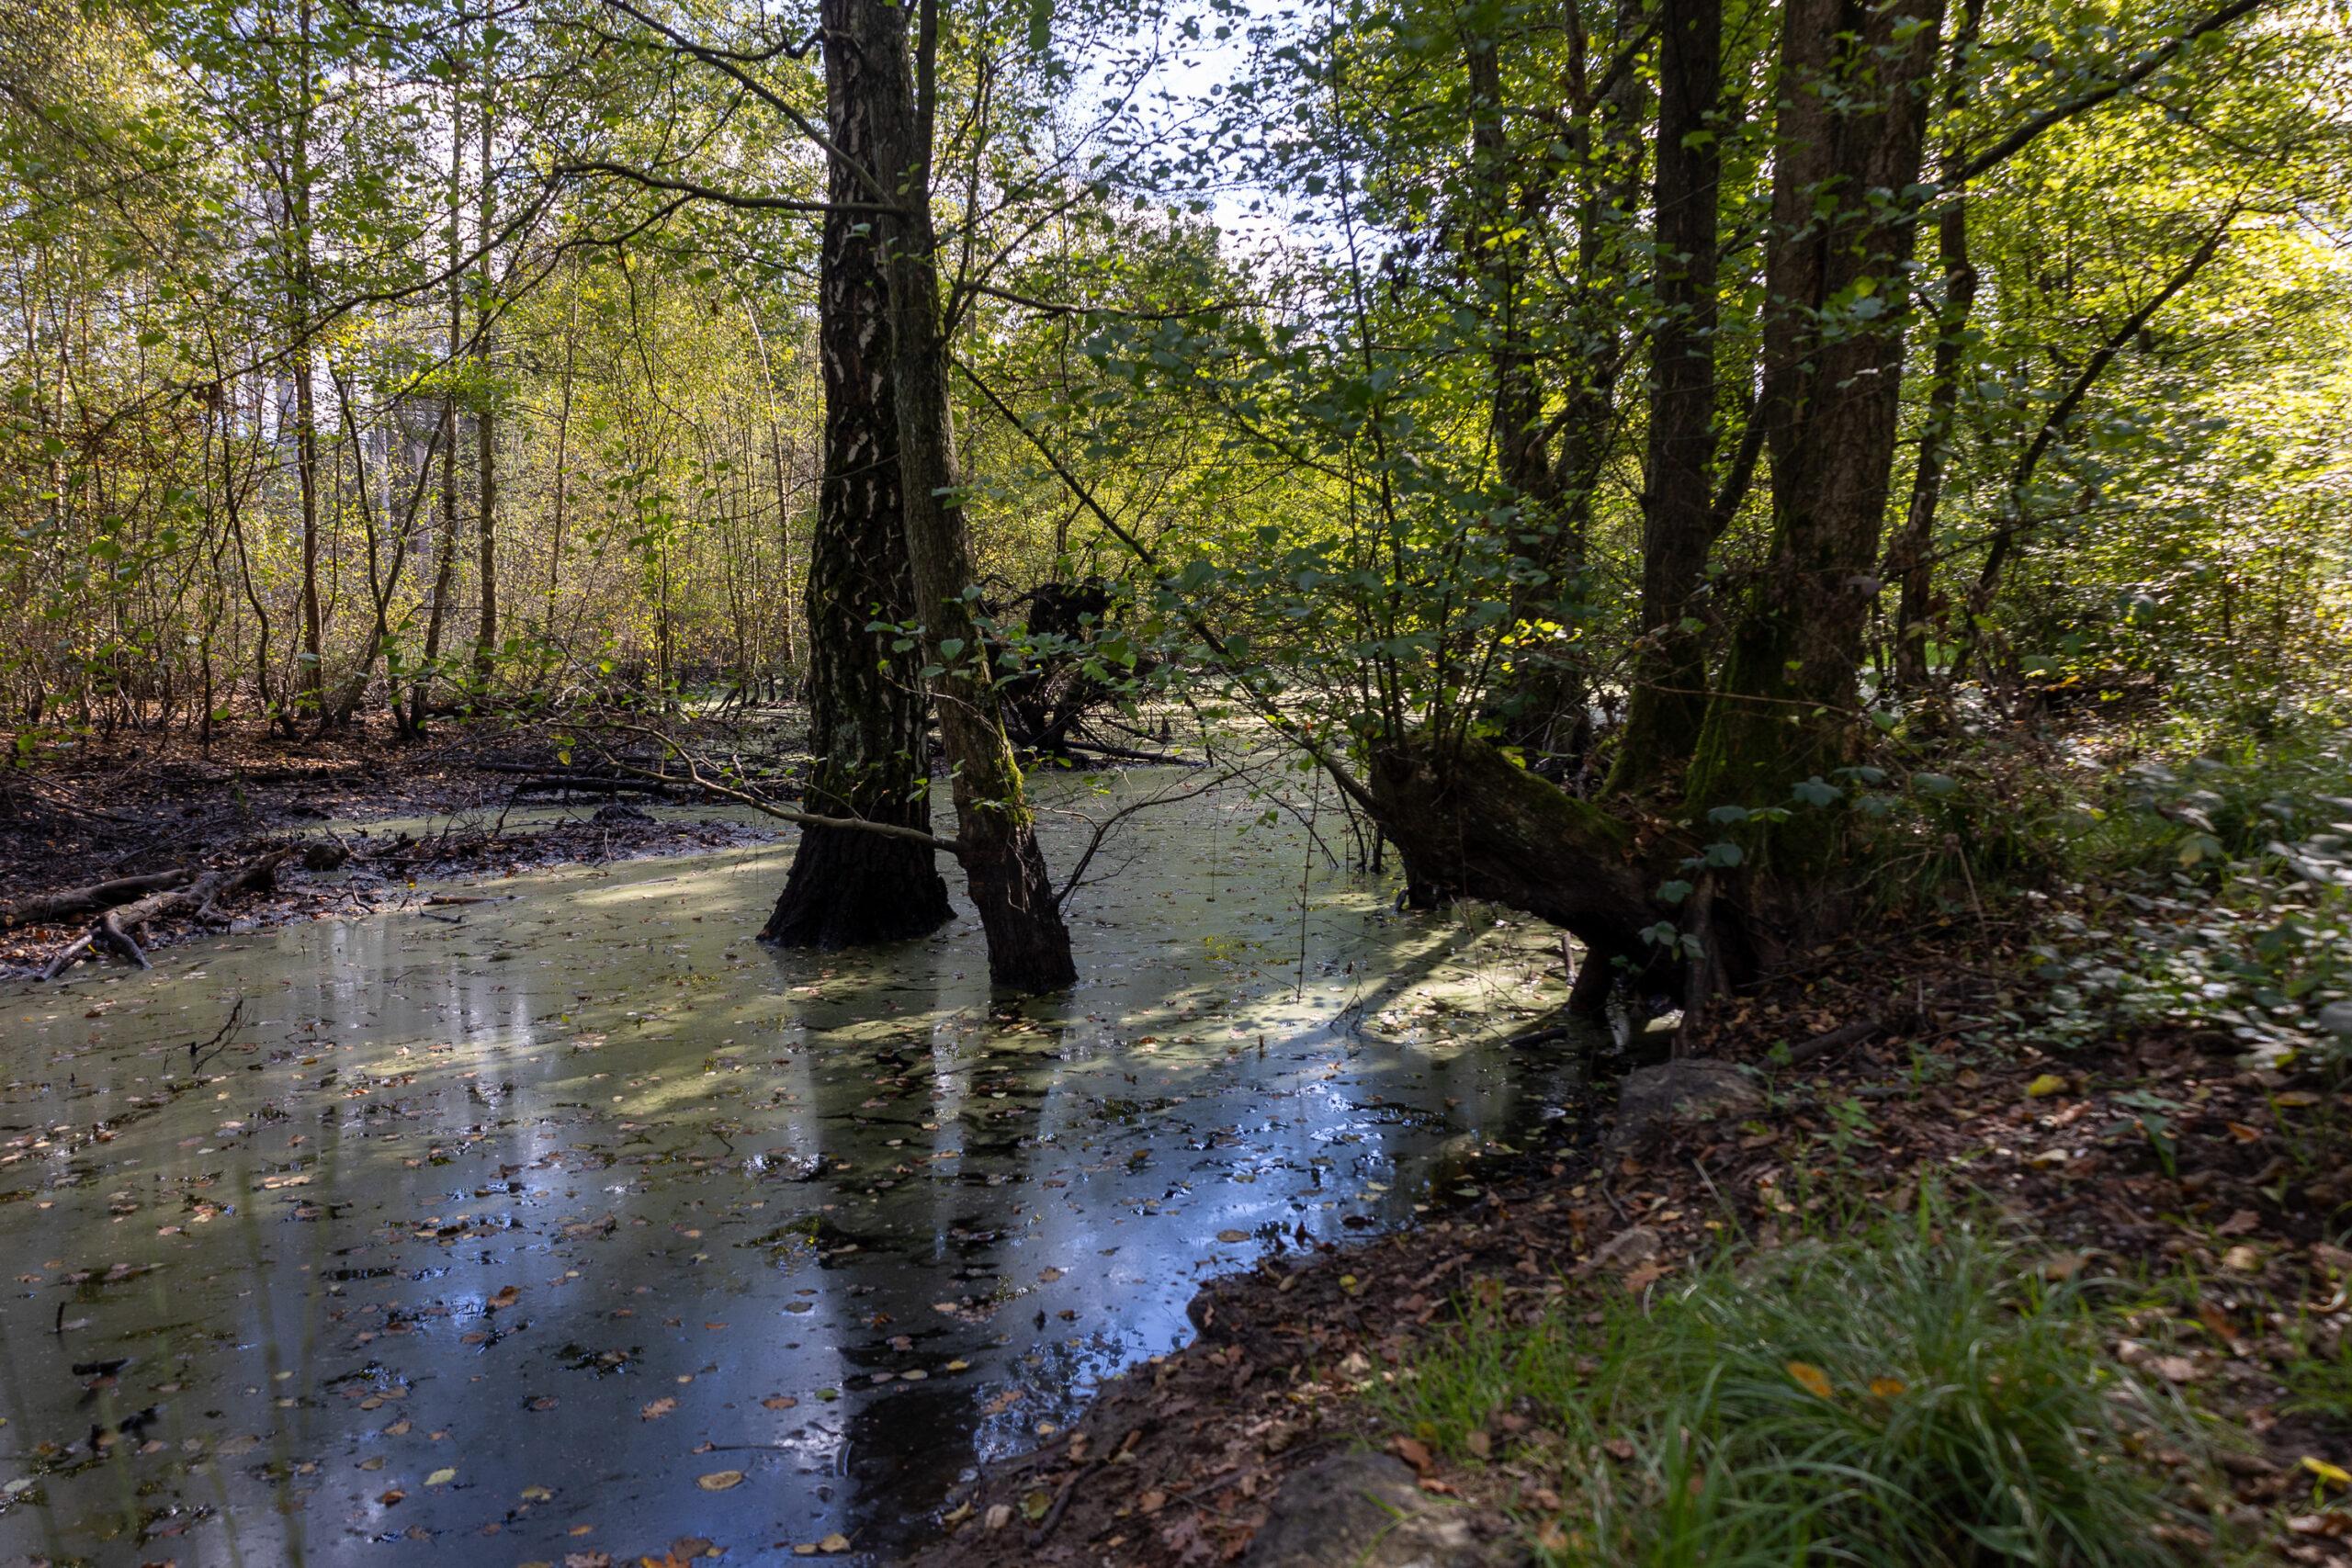 Ein feuchtes Sumpfgebiet, Bäume stehen im Wasser, die Sonne scheint.